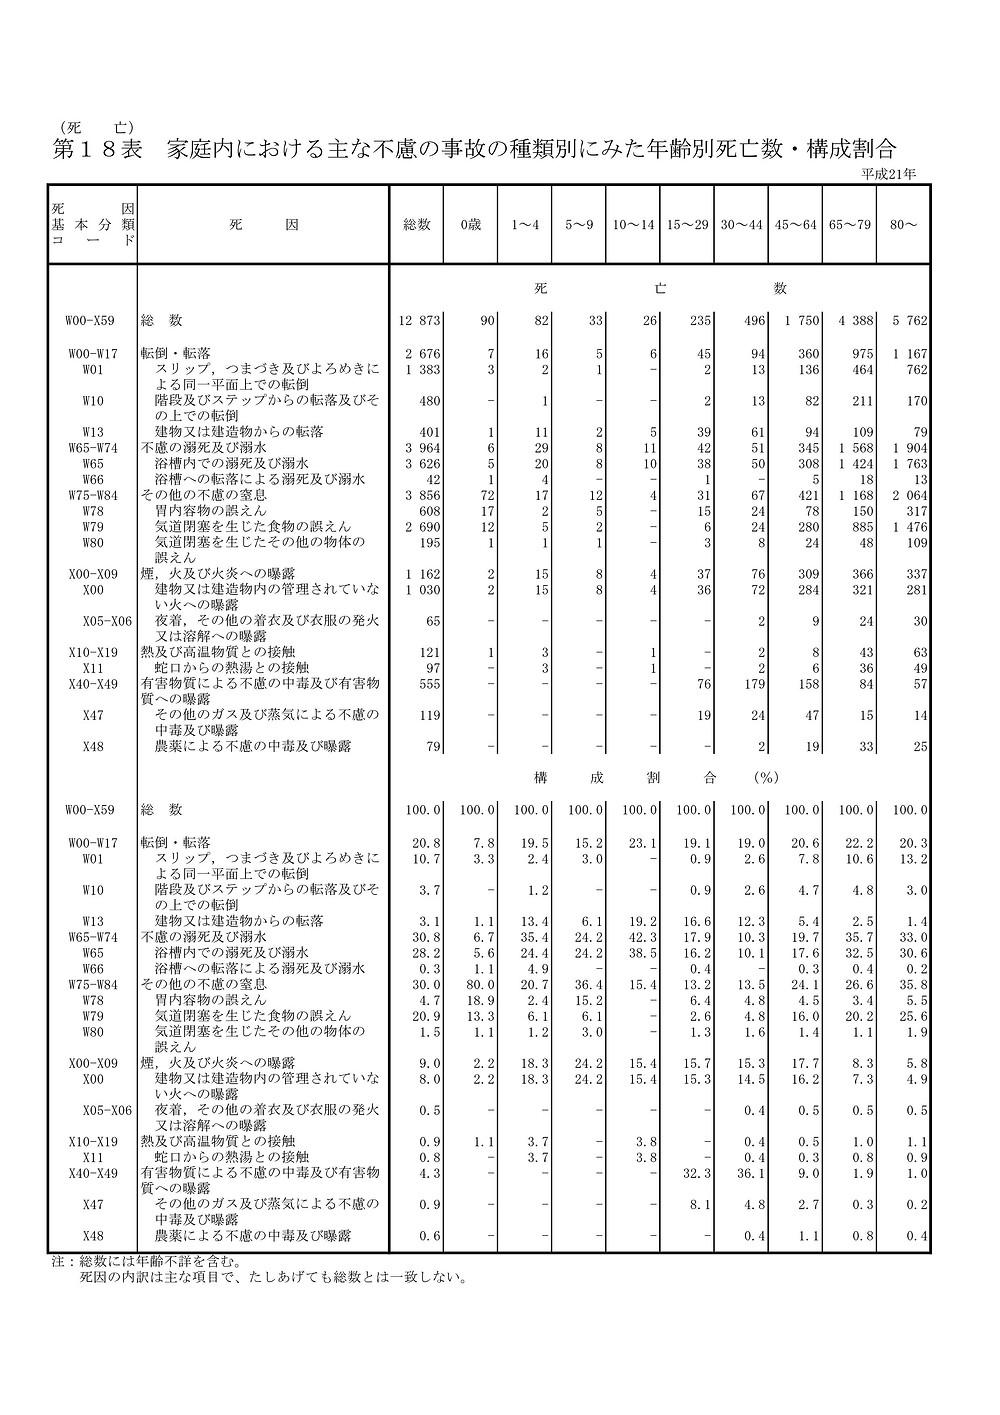 人口動態統計年報 主要統計表より